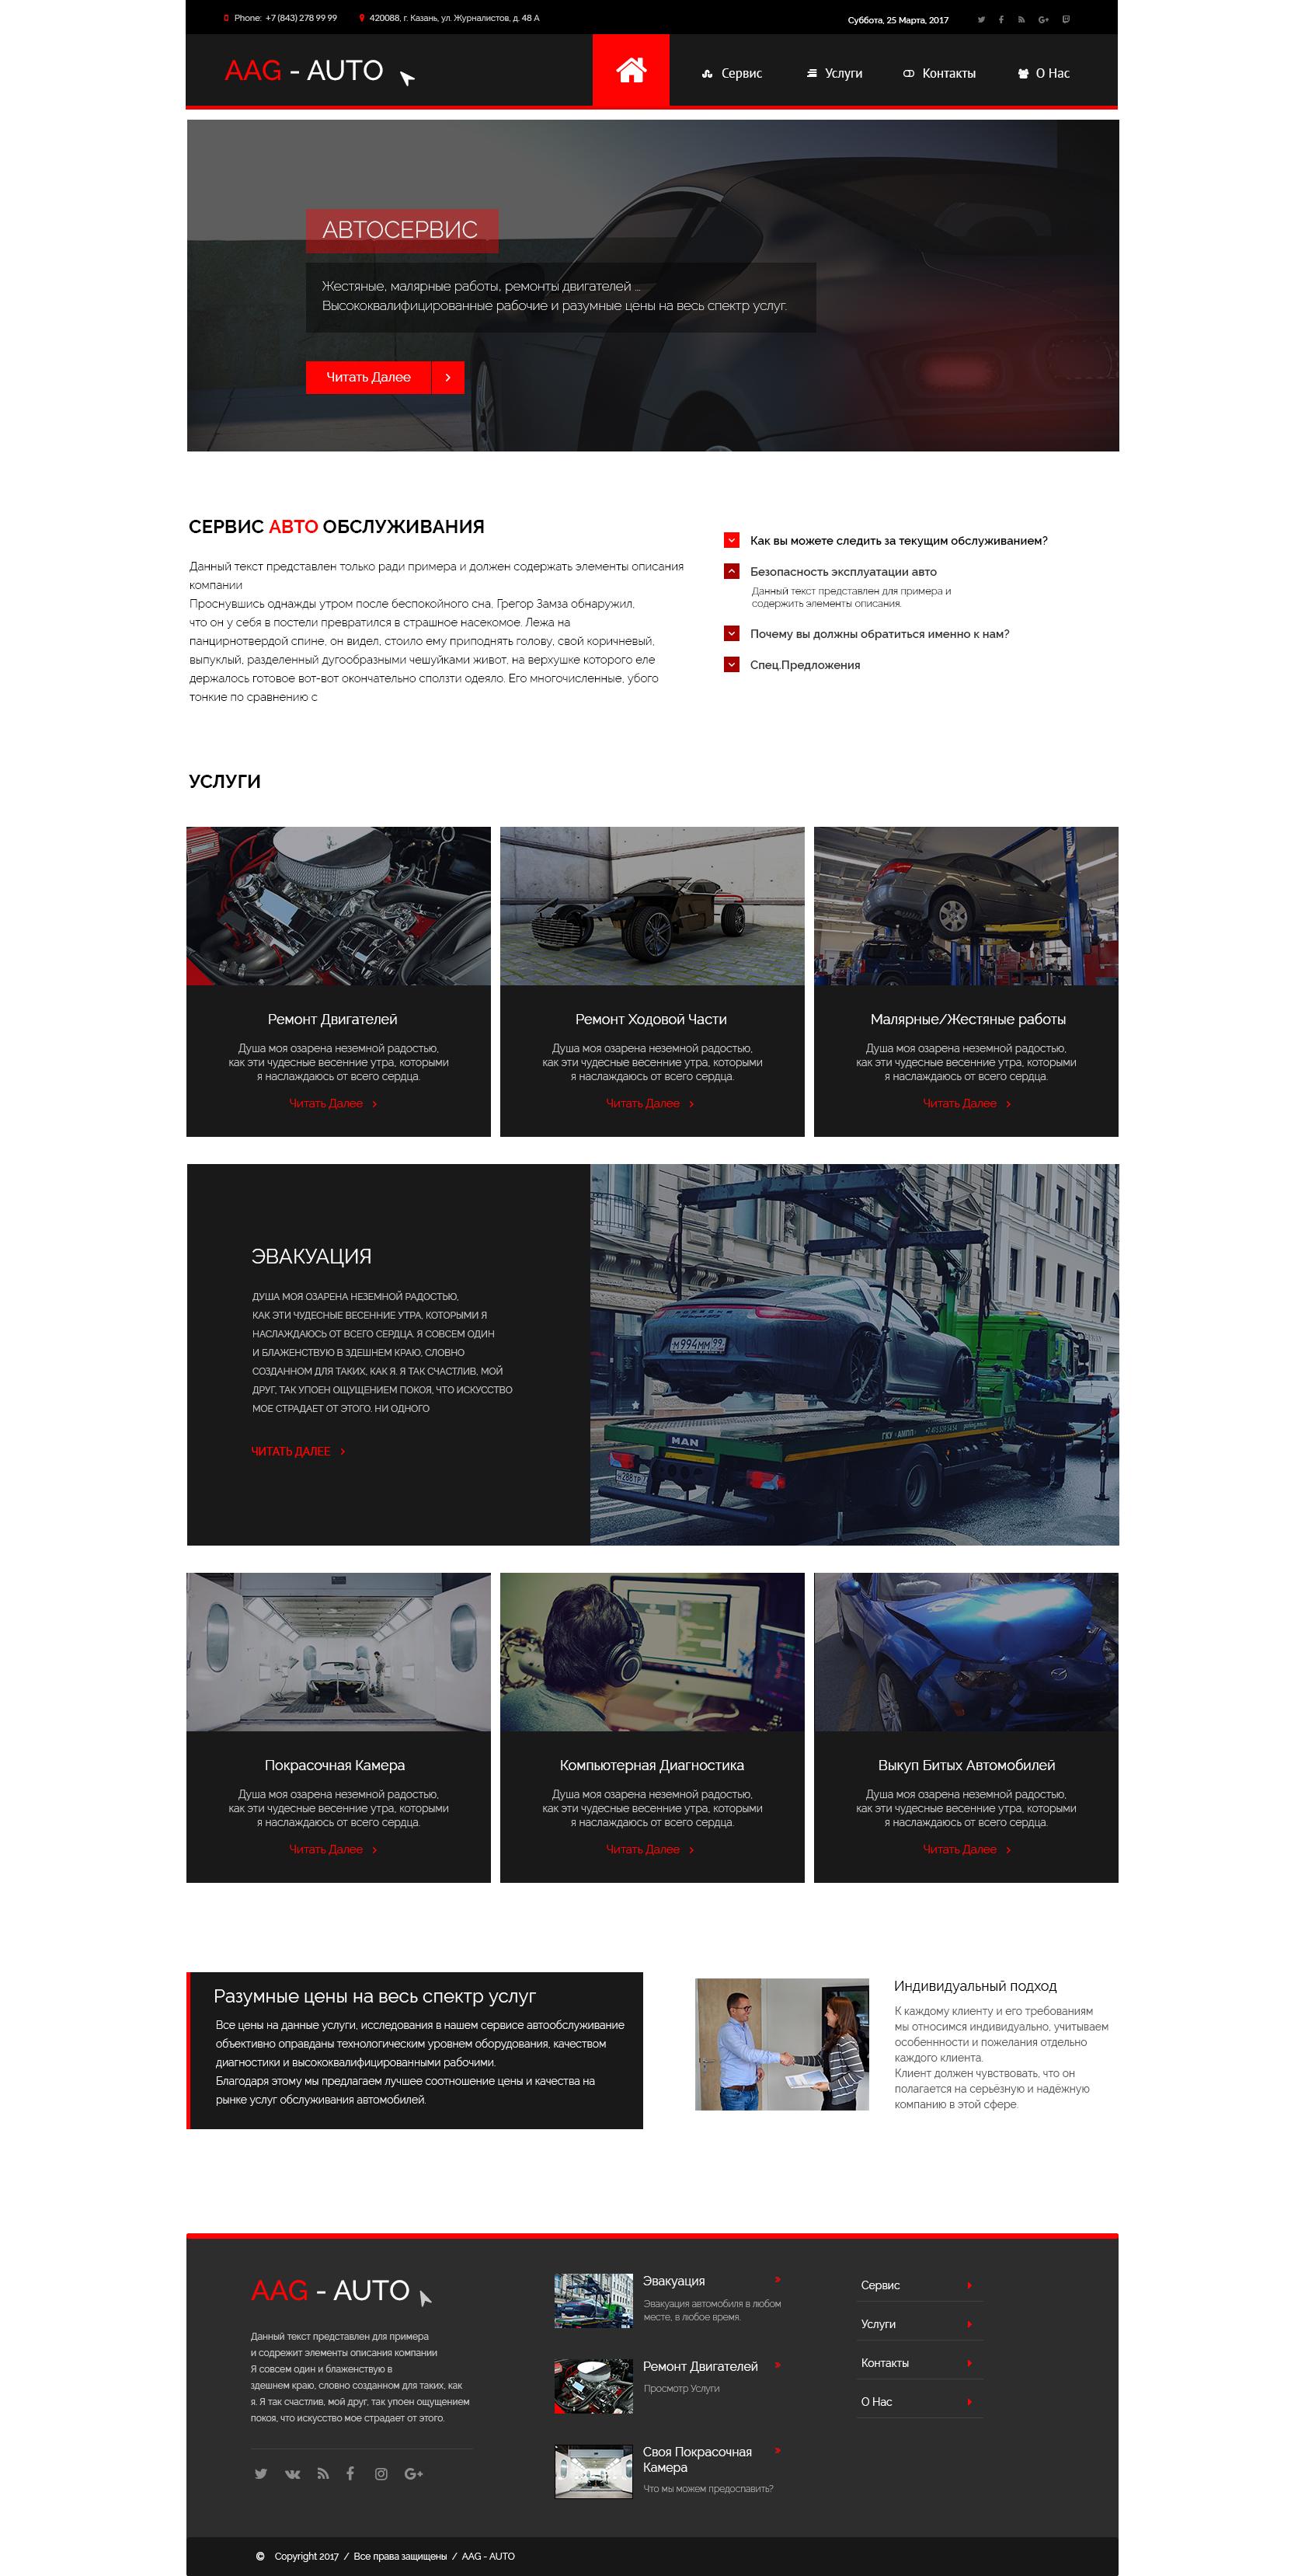 Дизайн сайта автосервиса фото f_096591495f6759bf.jpg